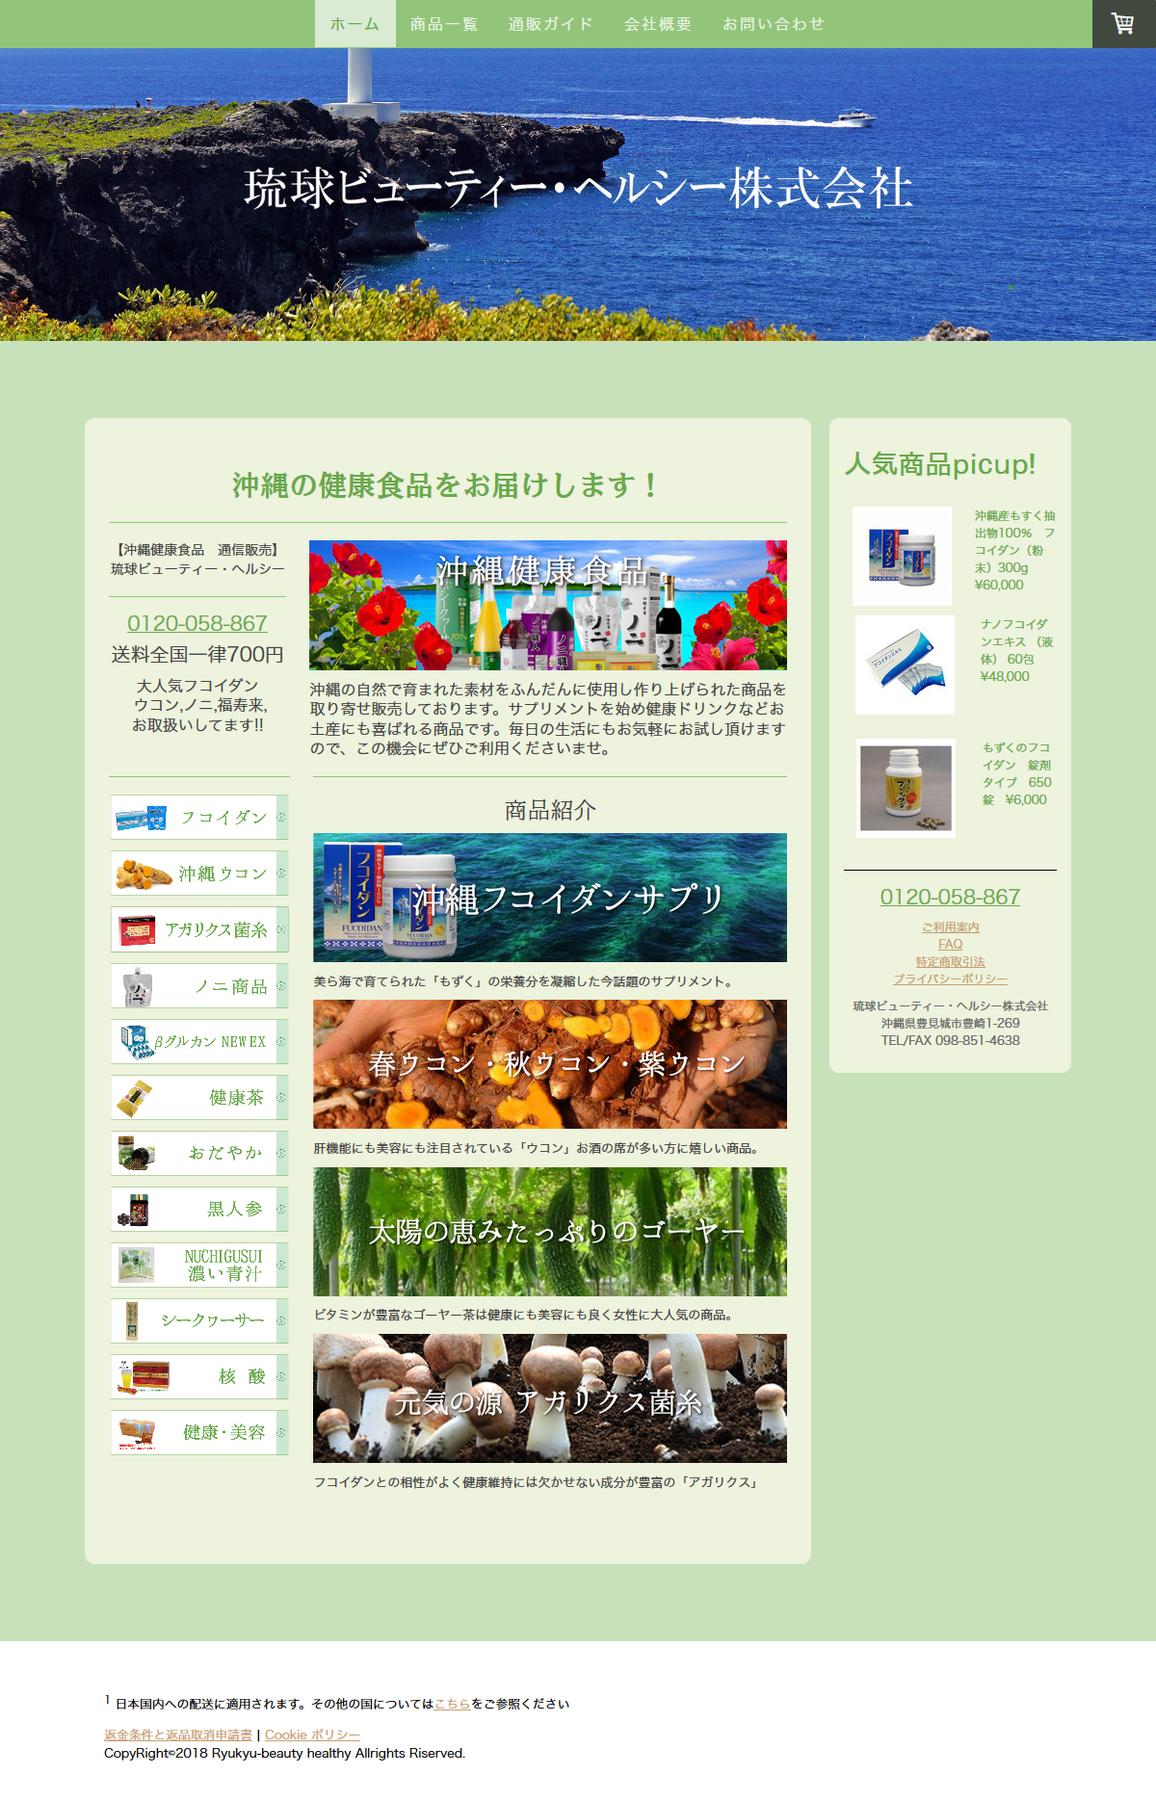 琉球ビューティー・ヘルシー株式会社サイトtop_full